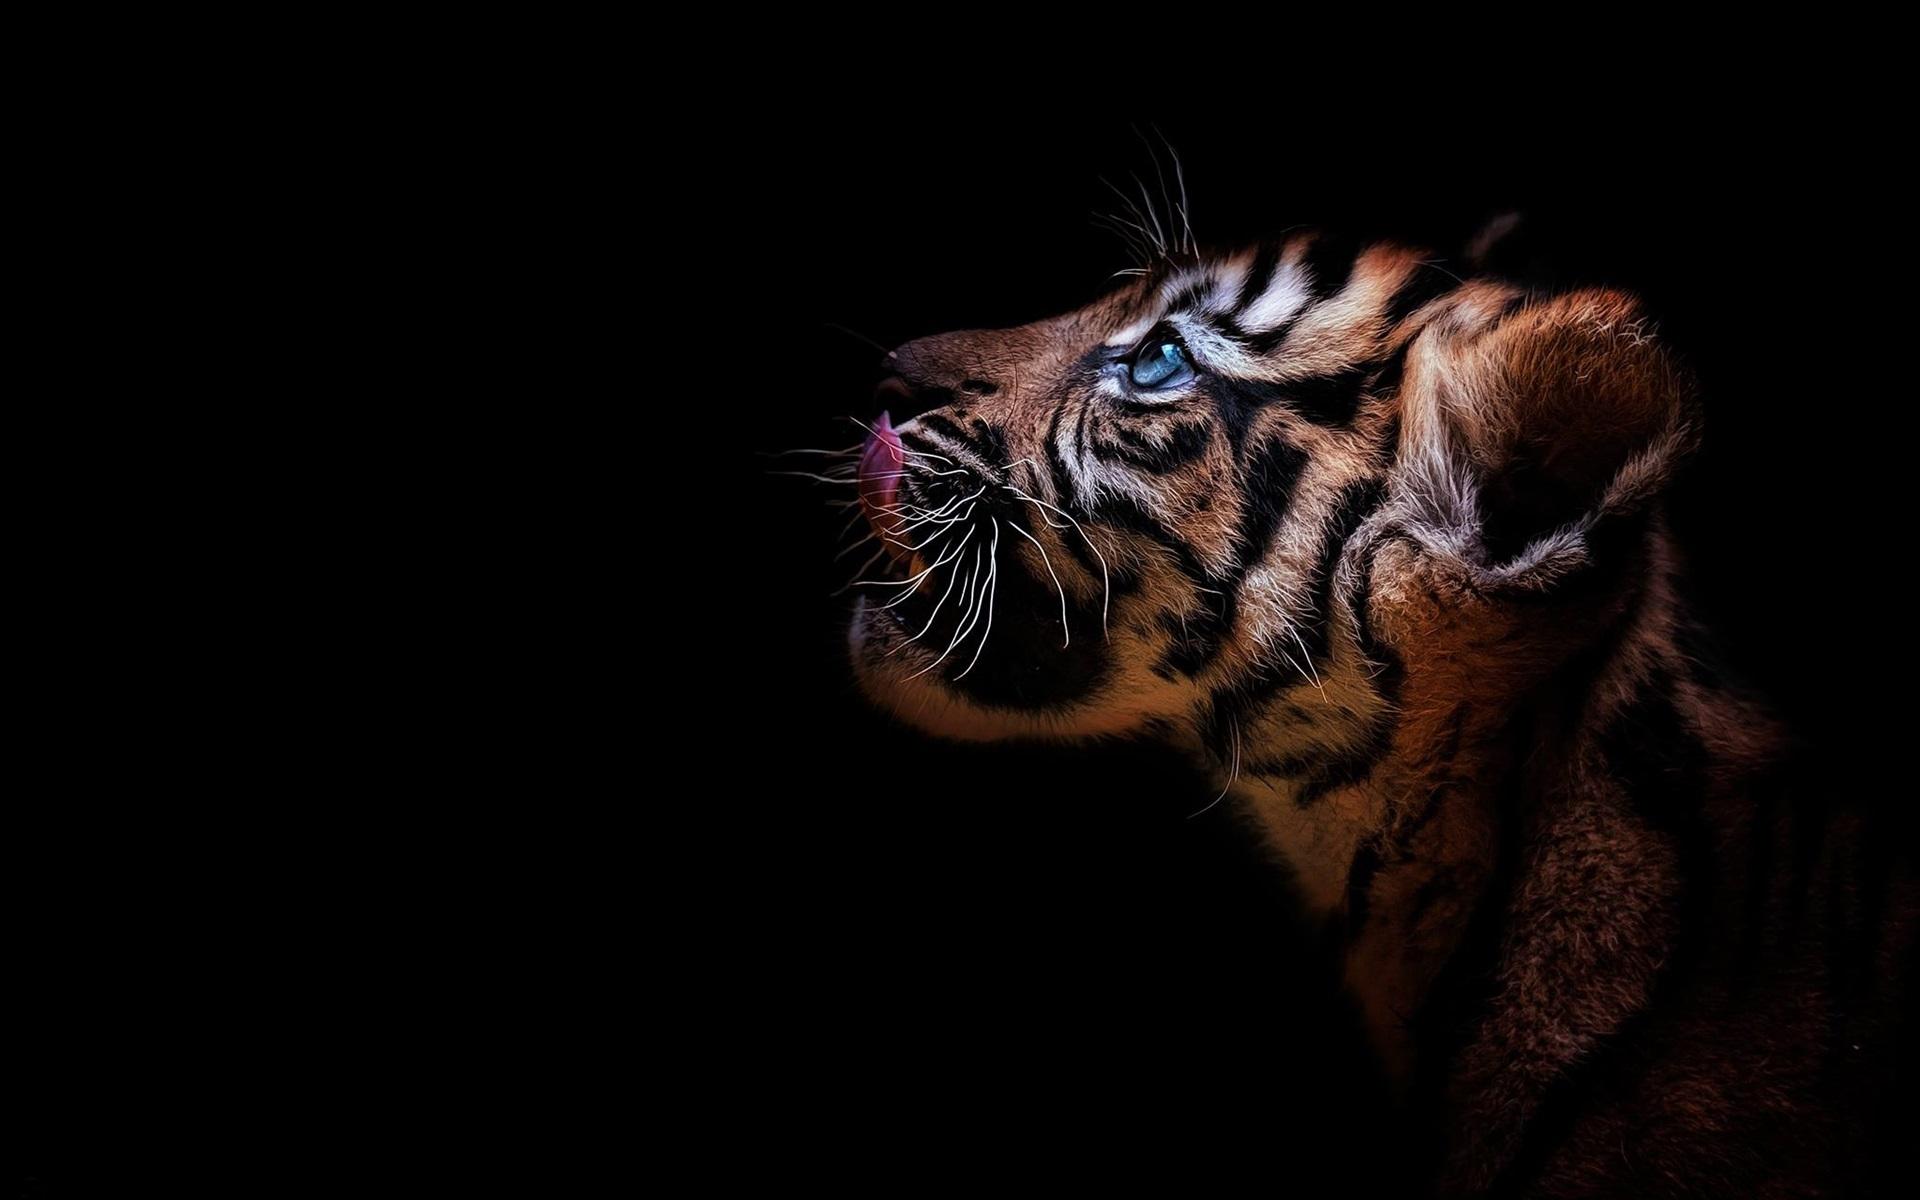 мытья картинка тигренок на черном фоне разведения